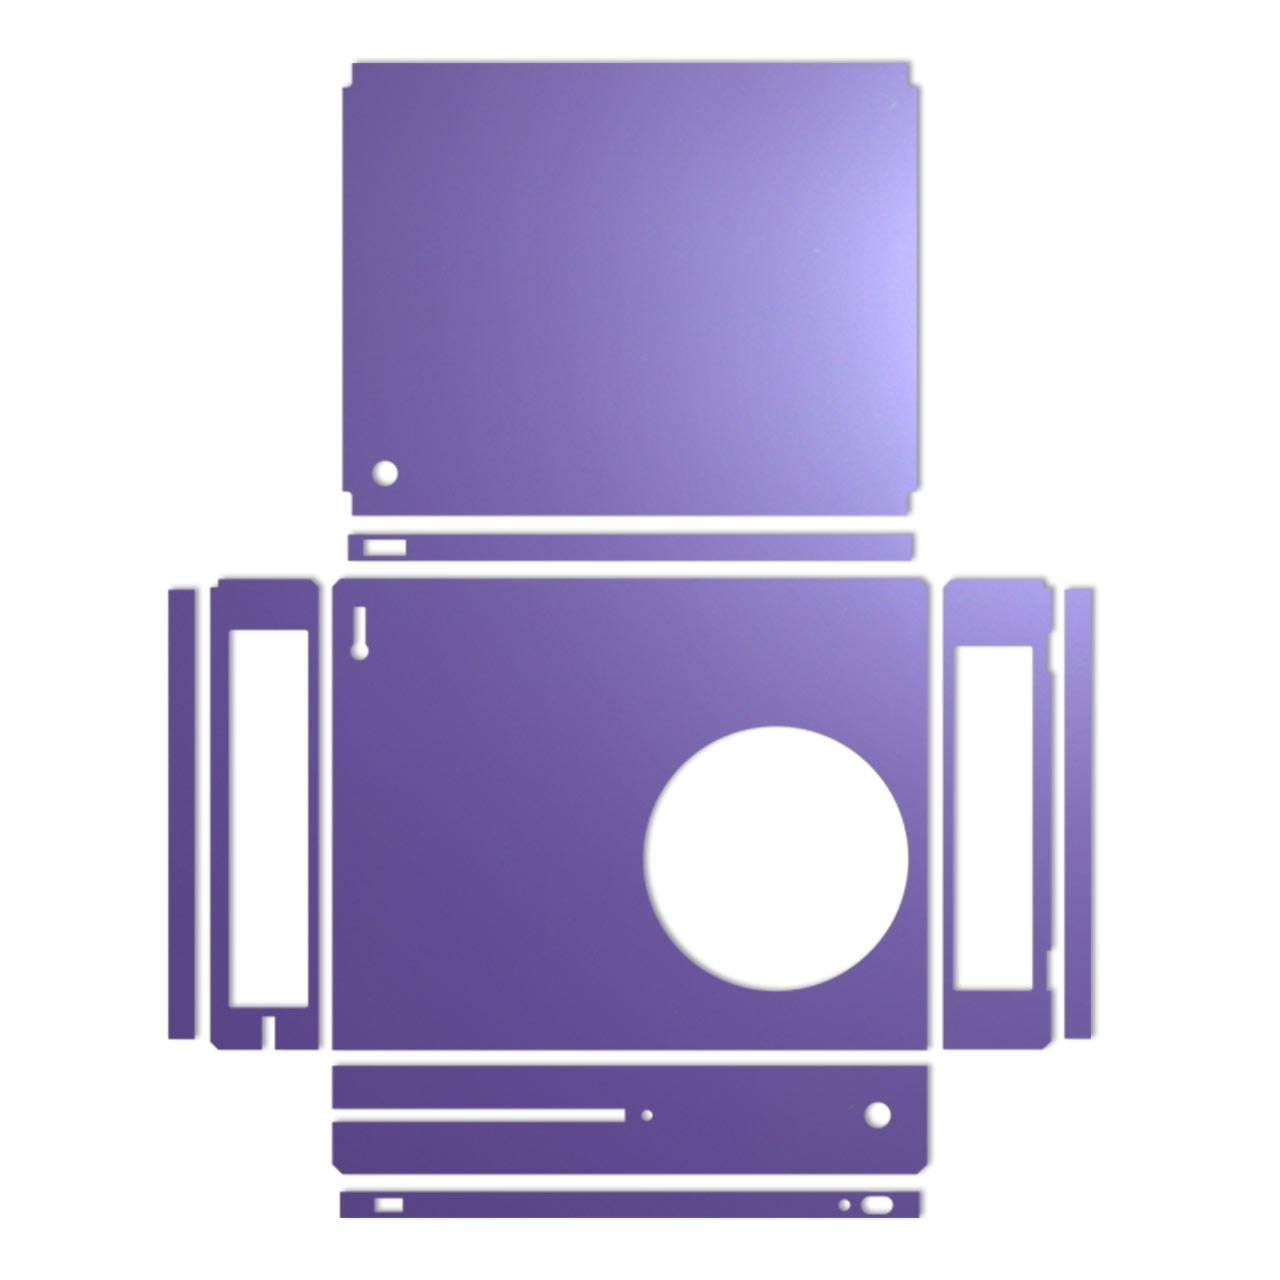 بررسی و {خرید با تخفیف}                                     برچسب ماهوت مدل Purple Color مناسب برای کنسول بازی Xbox One S                             اصل